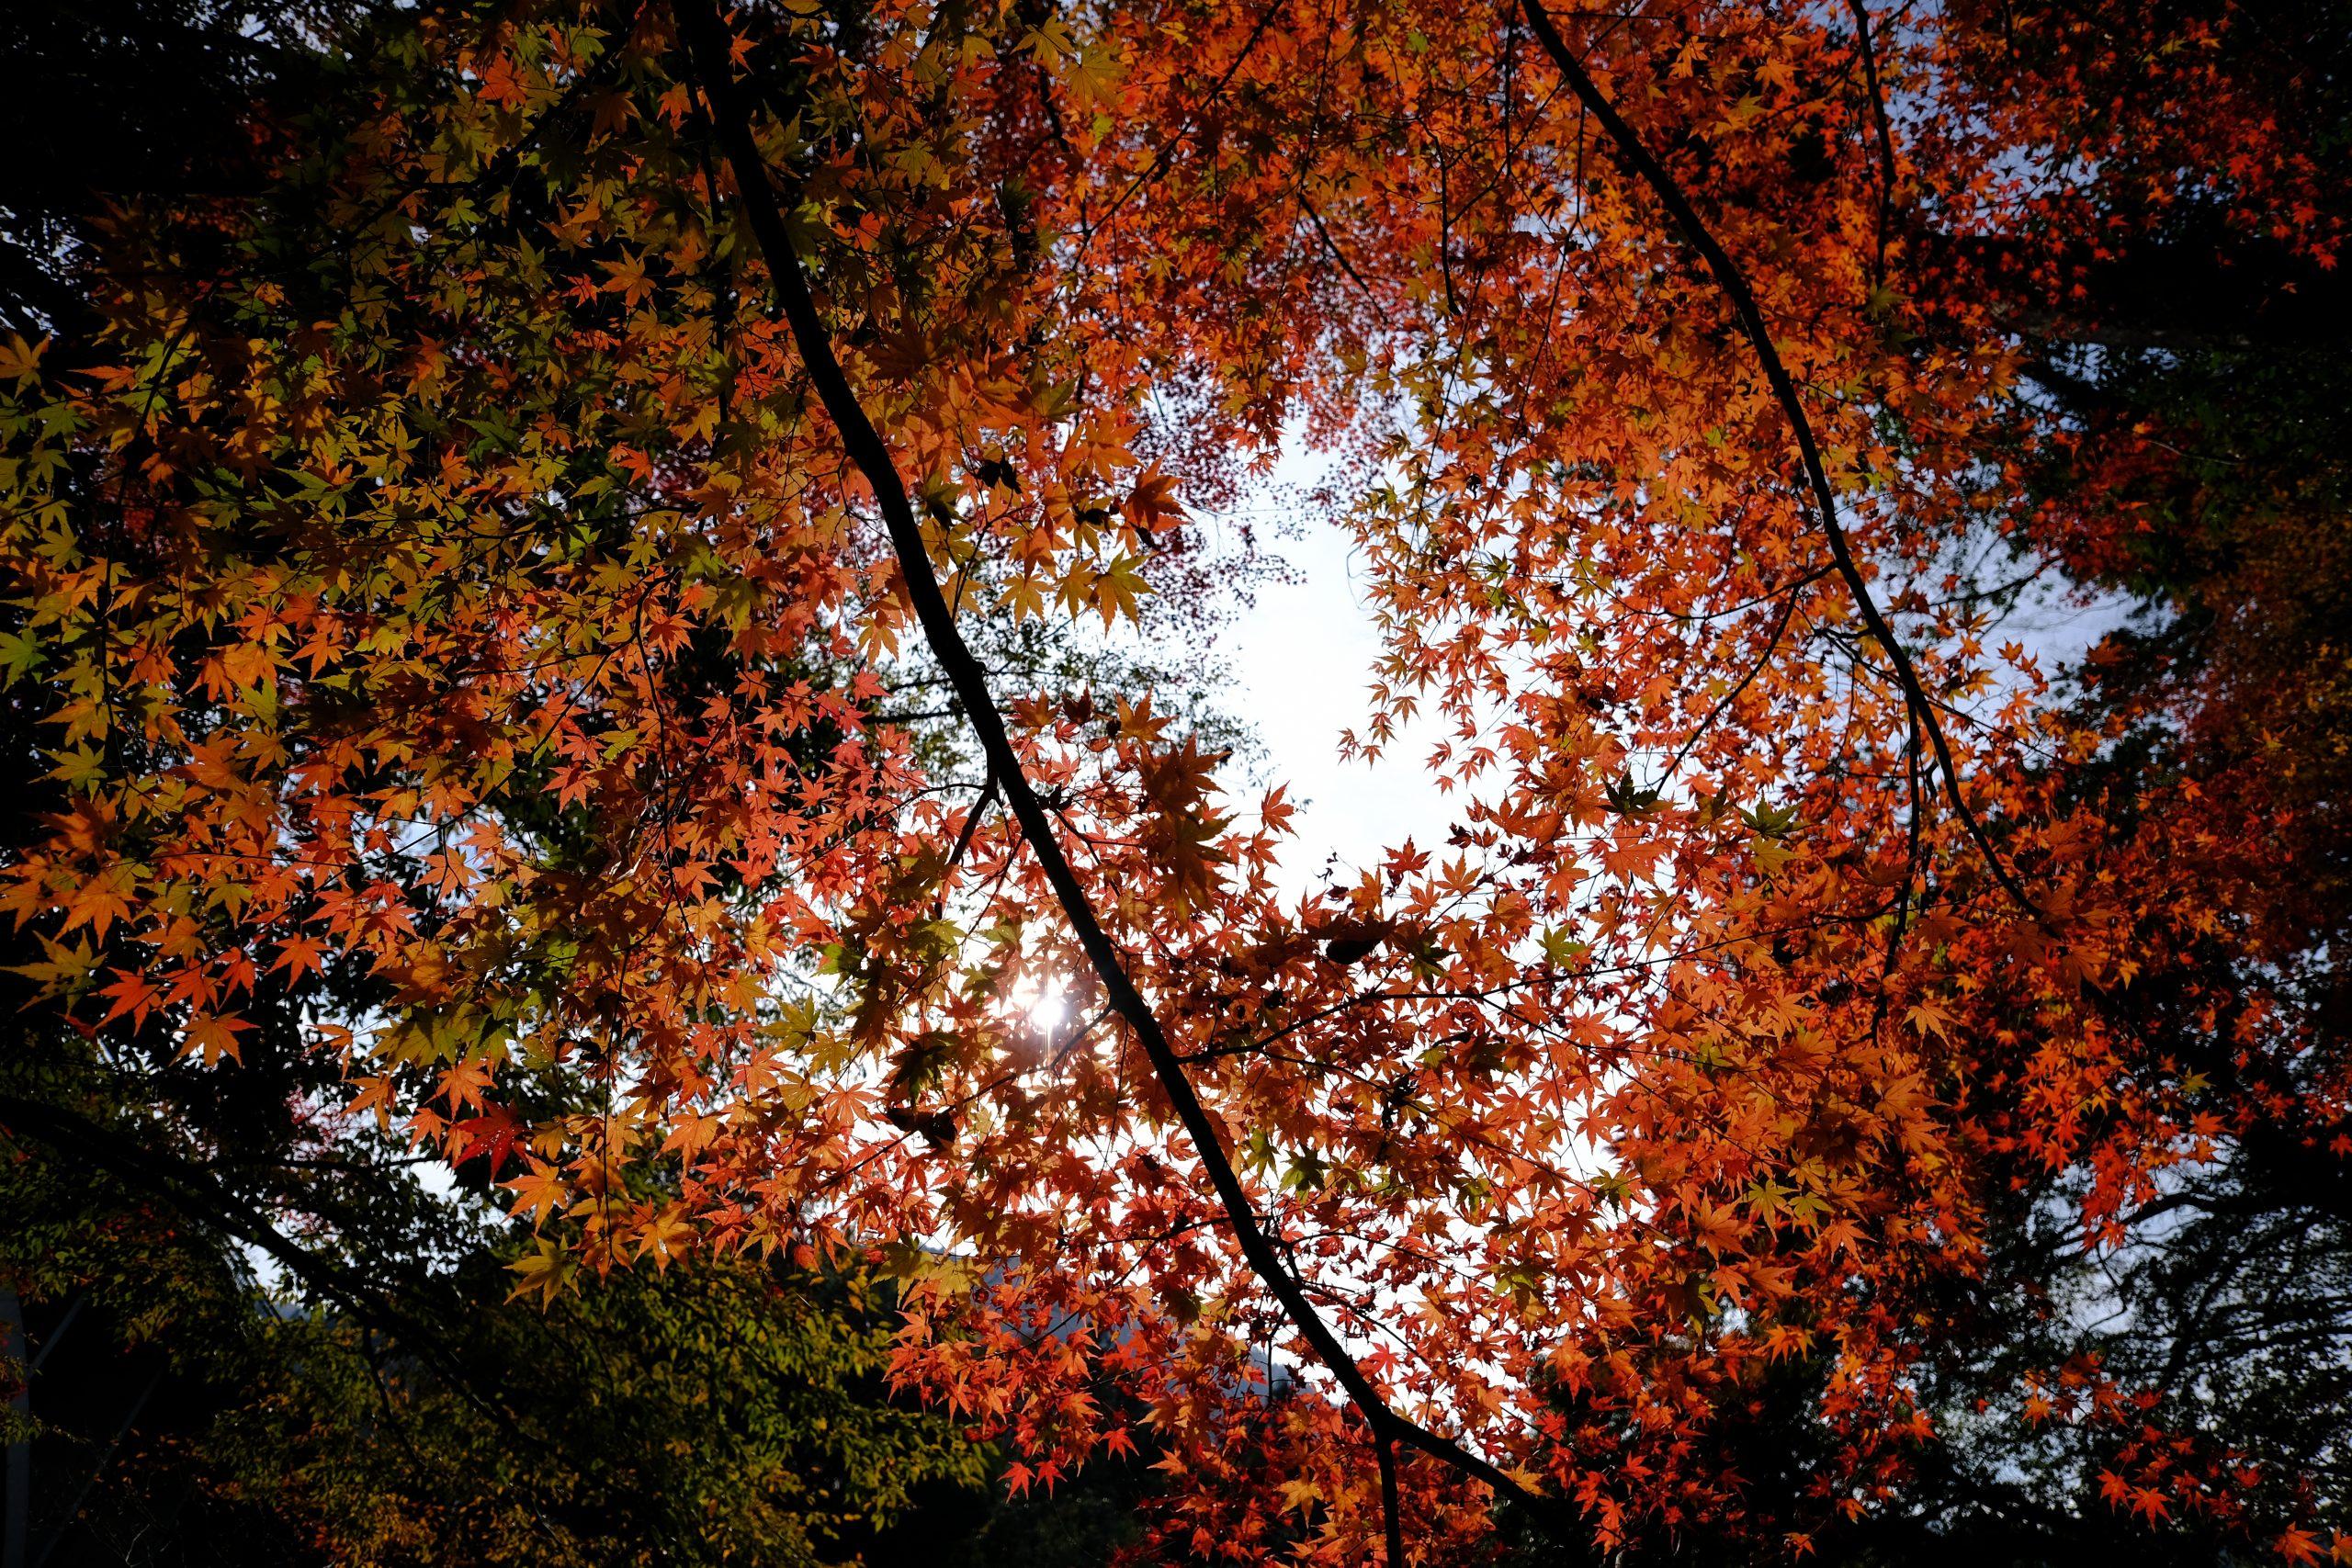 【秋、色撮りどり】Touit12mmの世界【FUJIFILM】